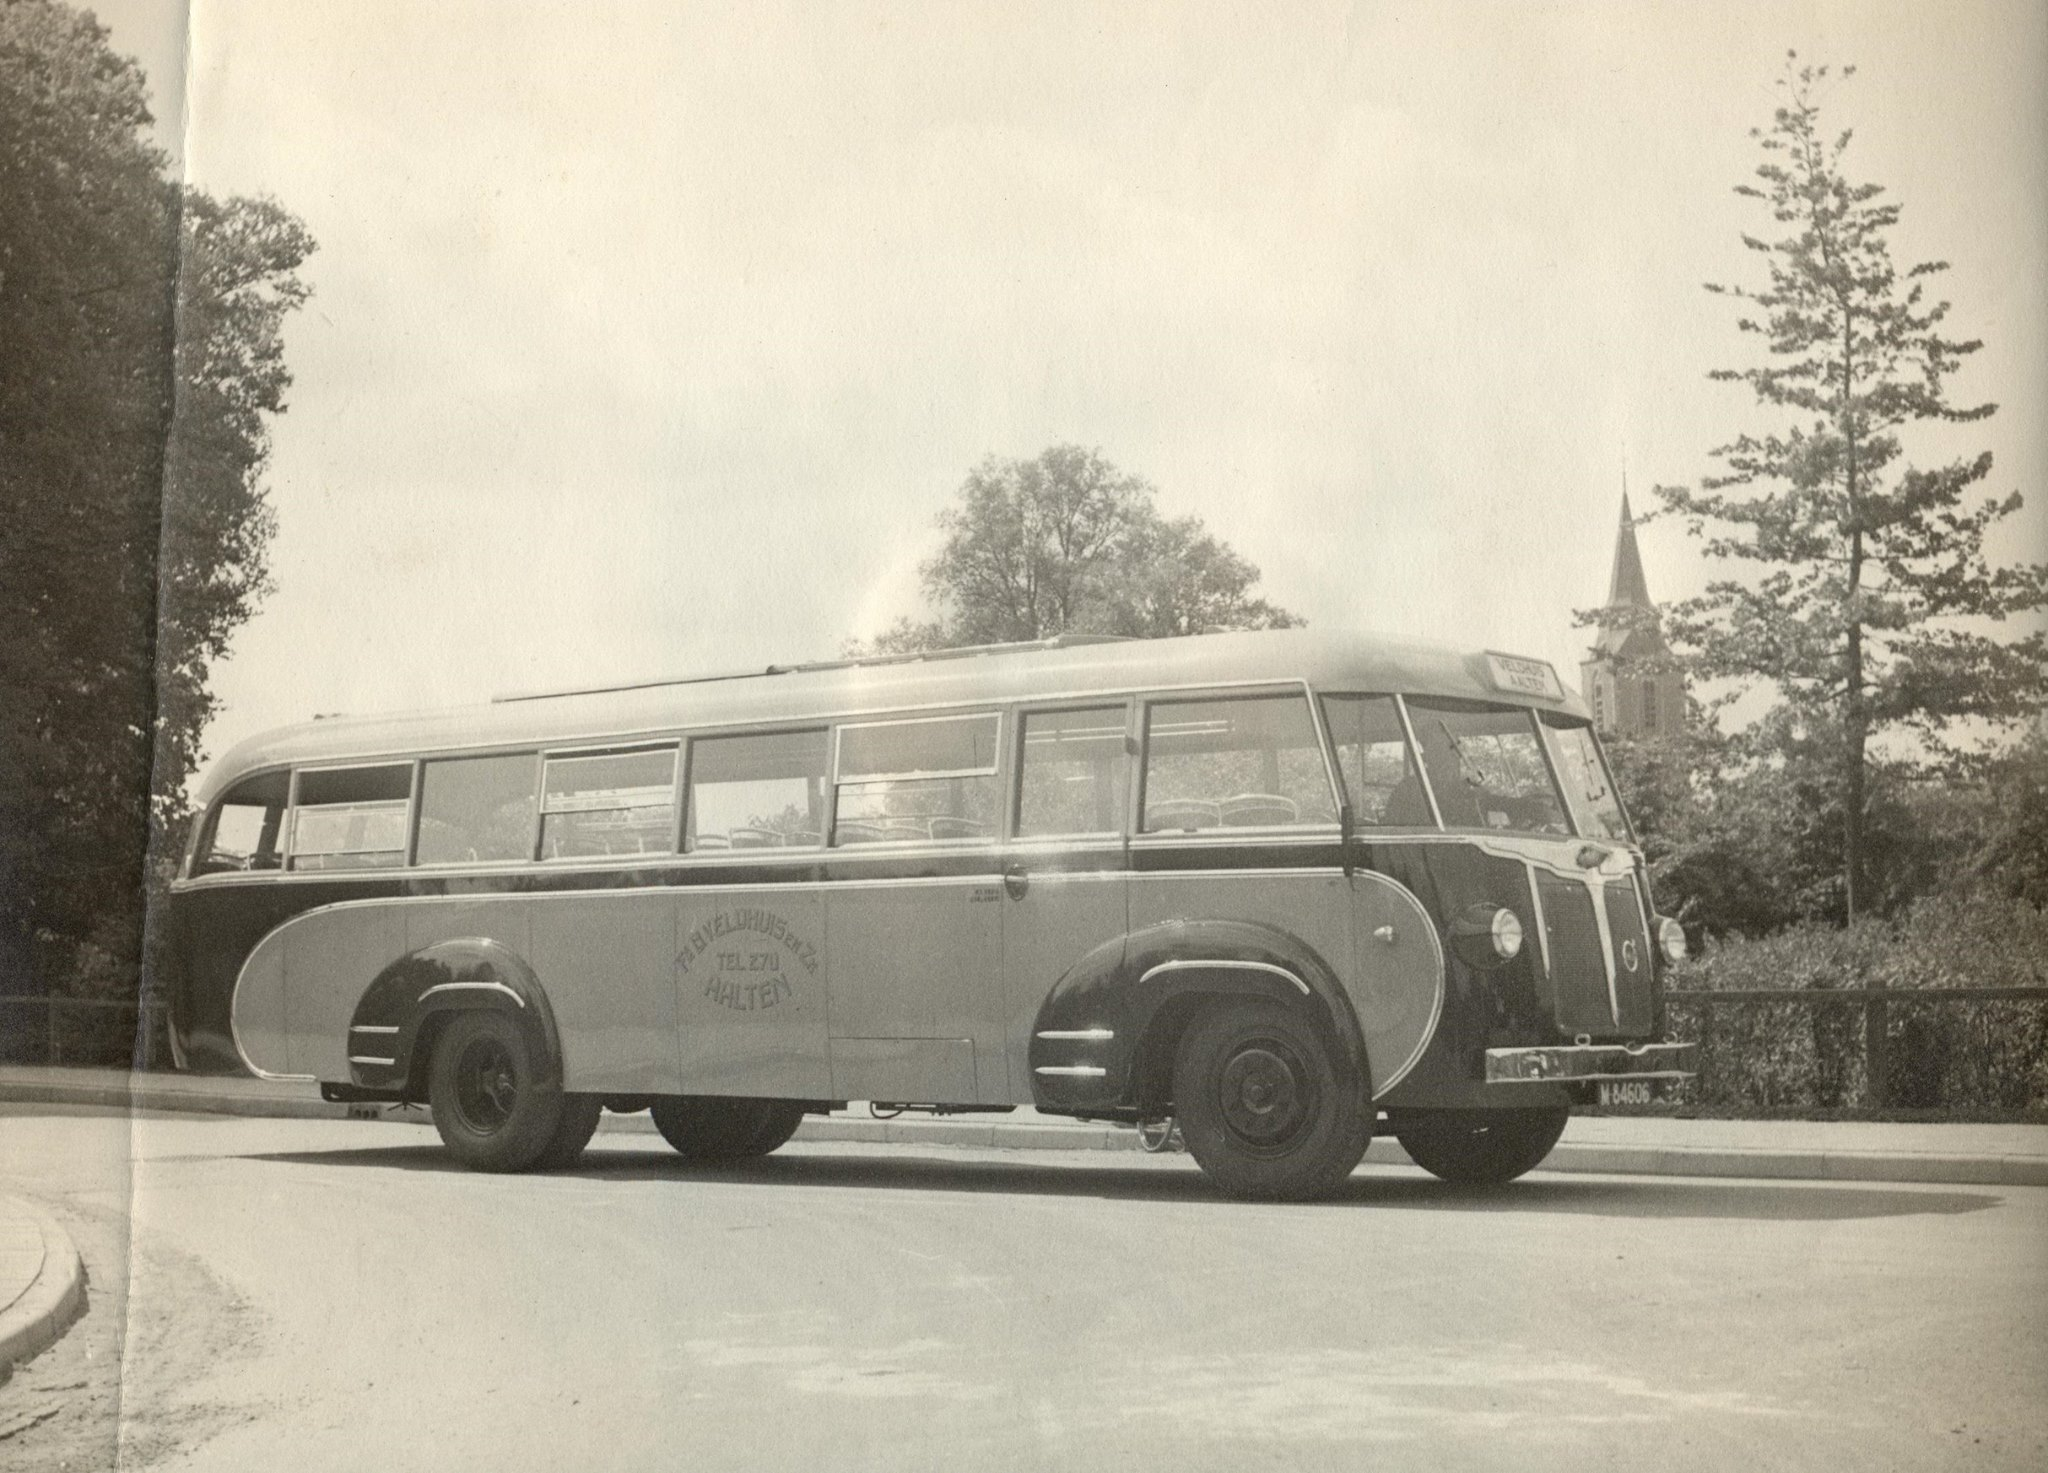 Bus-nr-2--De-eerste-bus-die-na-de-oorlog-weer-nieuw-gekocht-werd-bij-Hoekstra-in-Winterswijk-in-1949